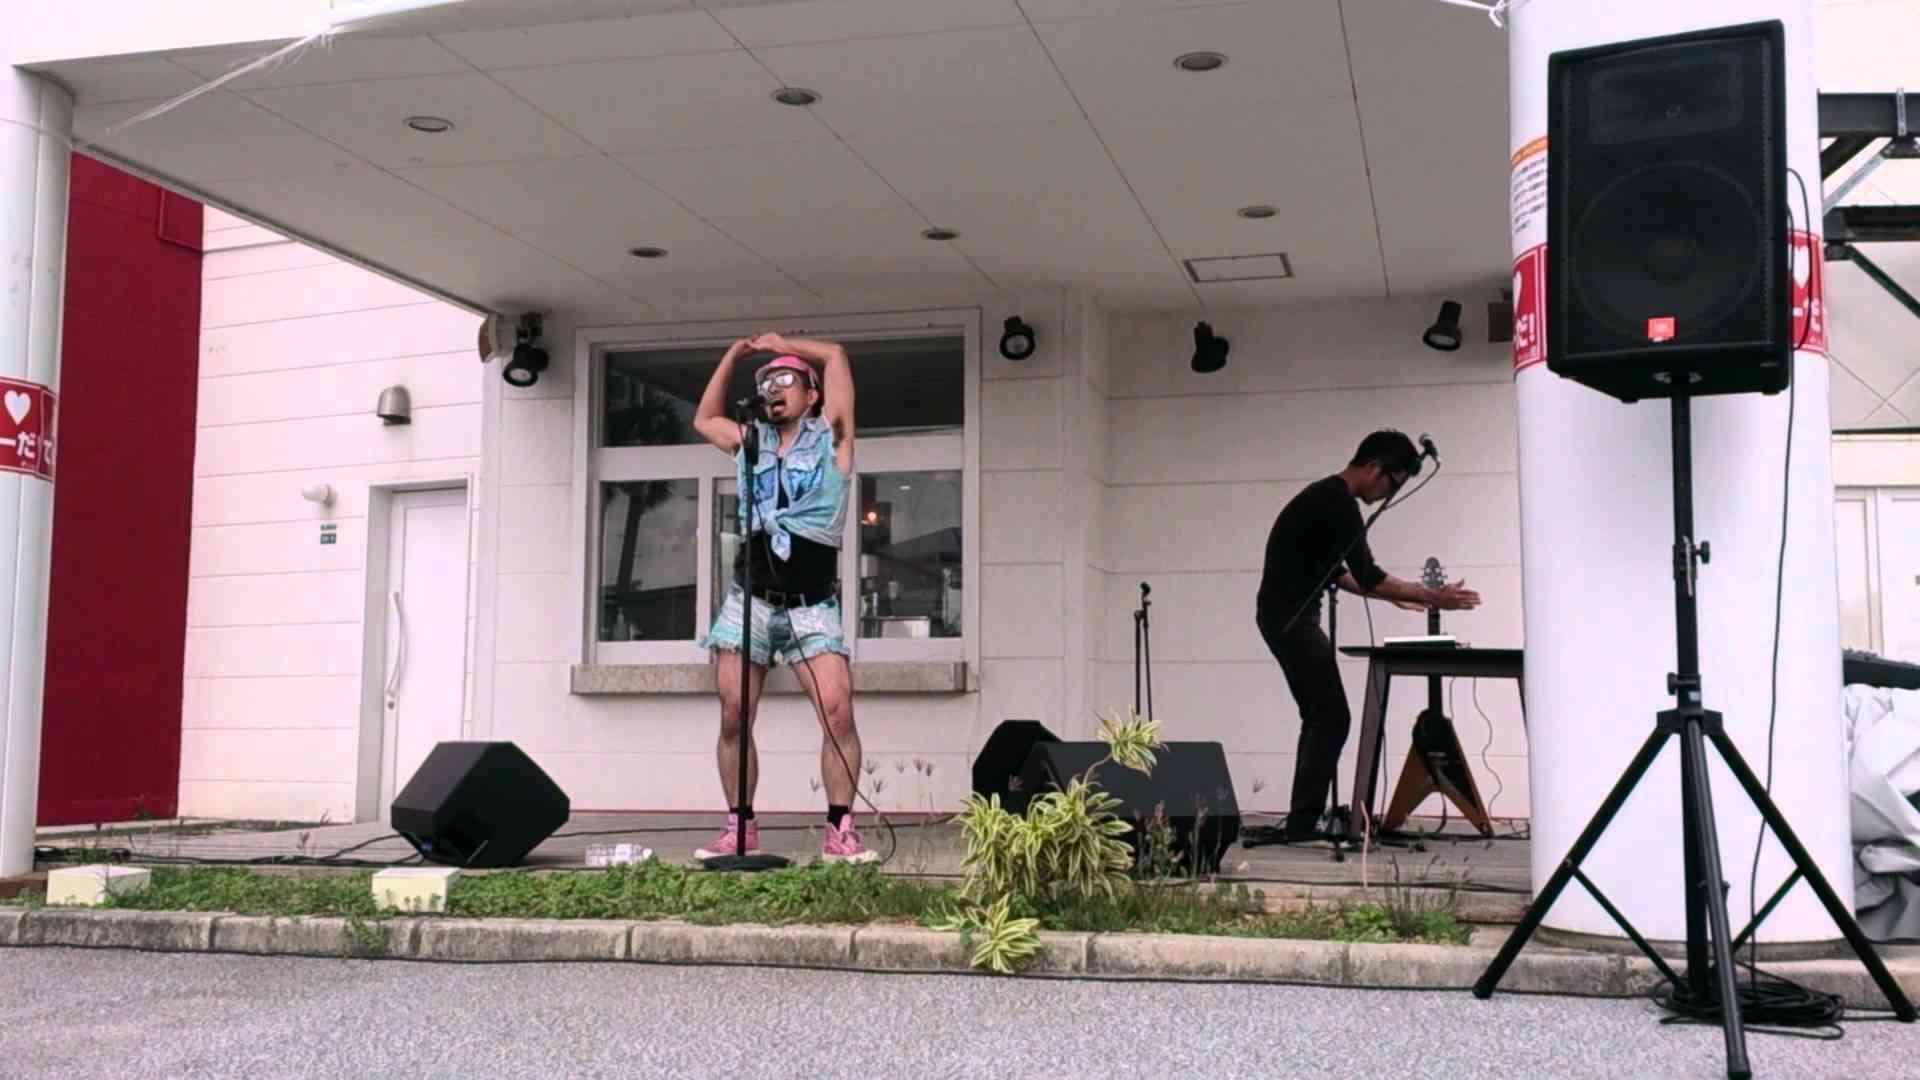 沖縄で大人気アーティスト!ポニーテールリボンズ 『おじさんおばさん』(2014.3.21) - YouTube